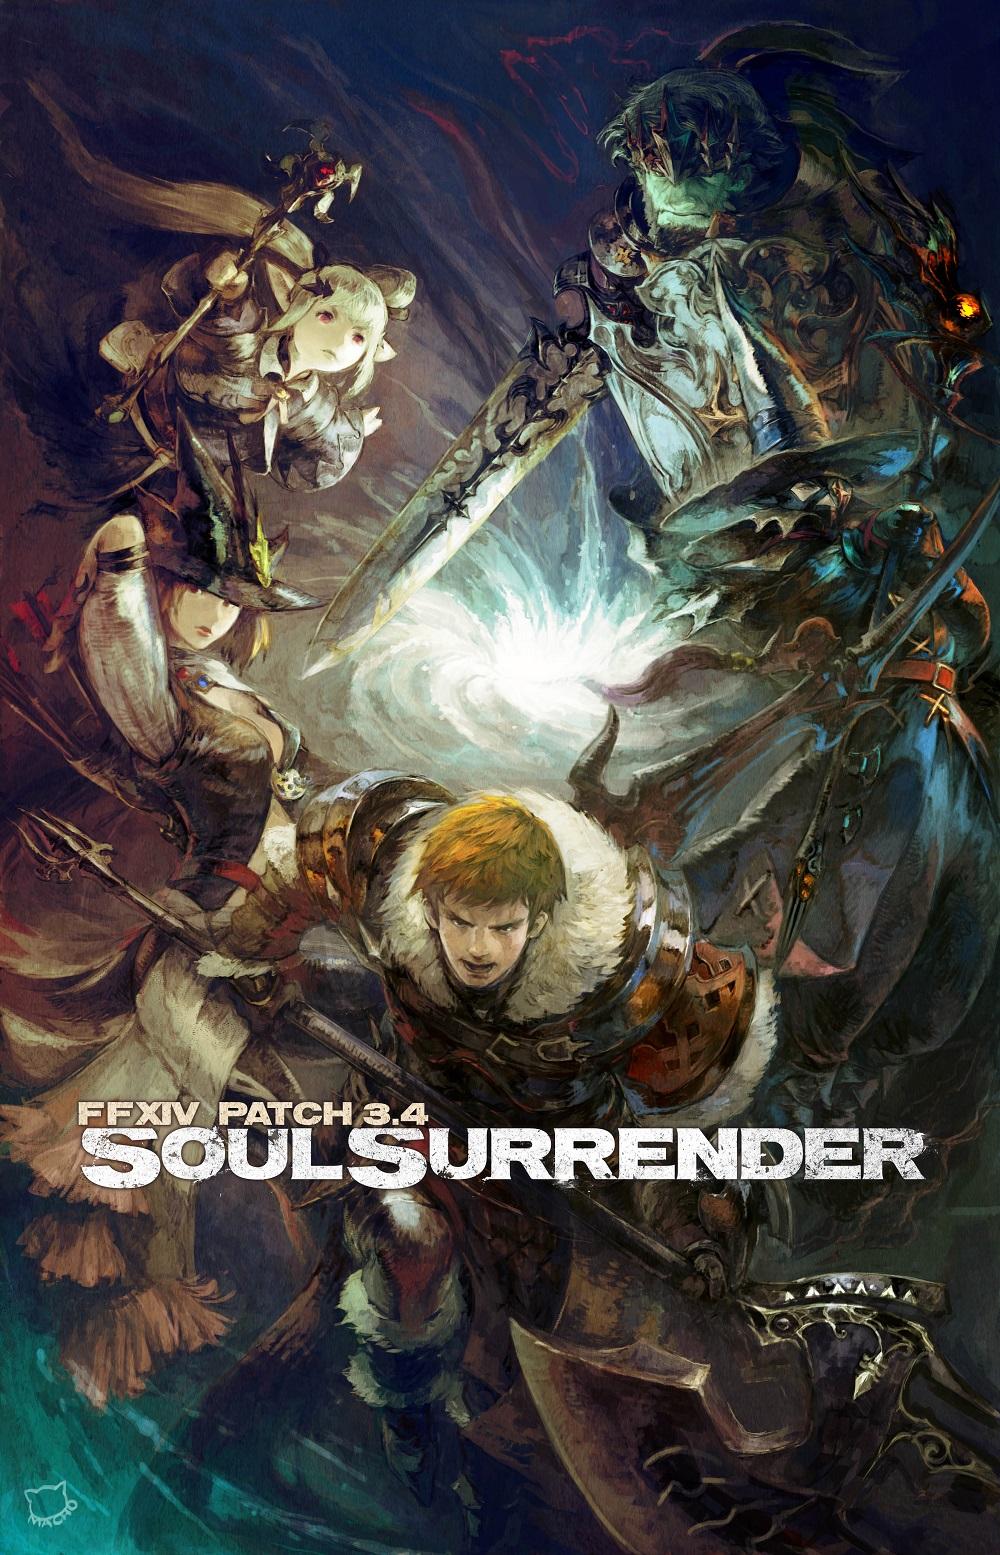 New FFXIV Soul Surrender Images - Gamer Escape